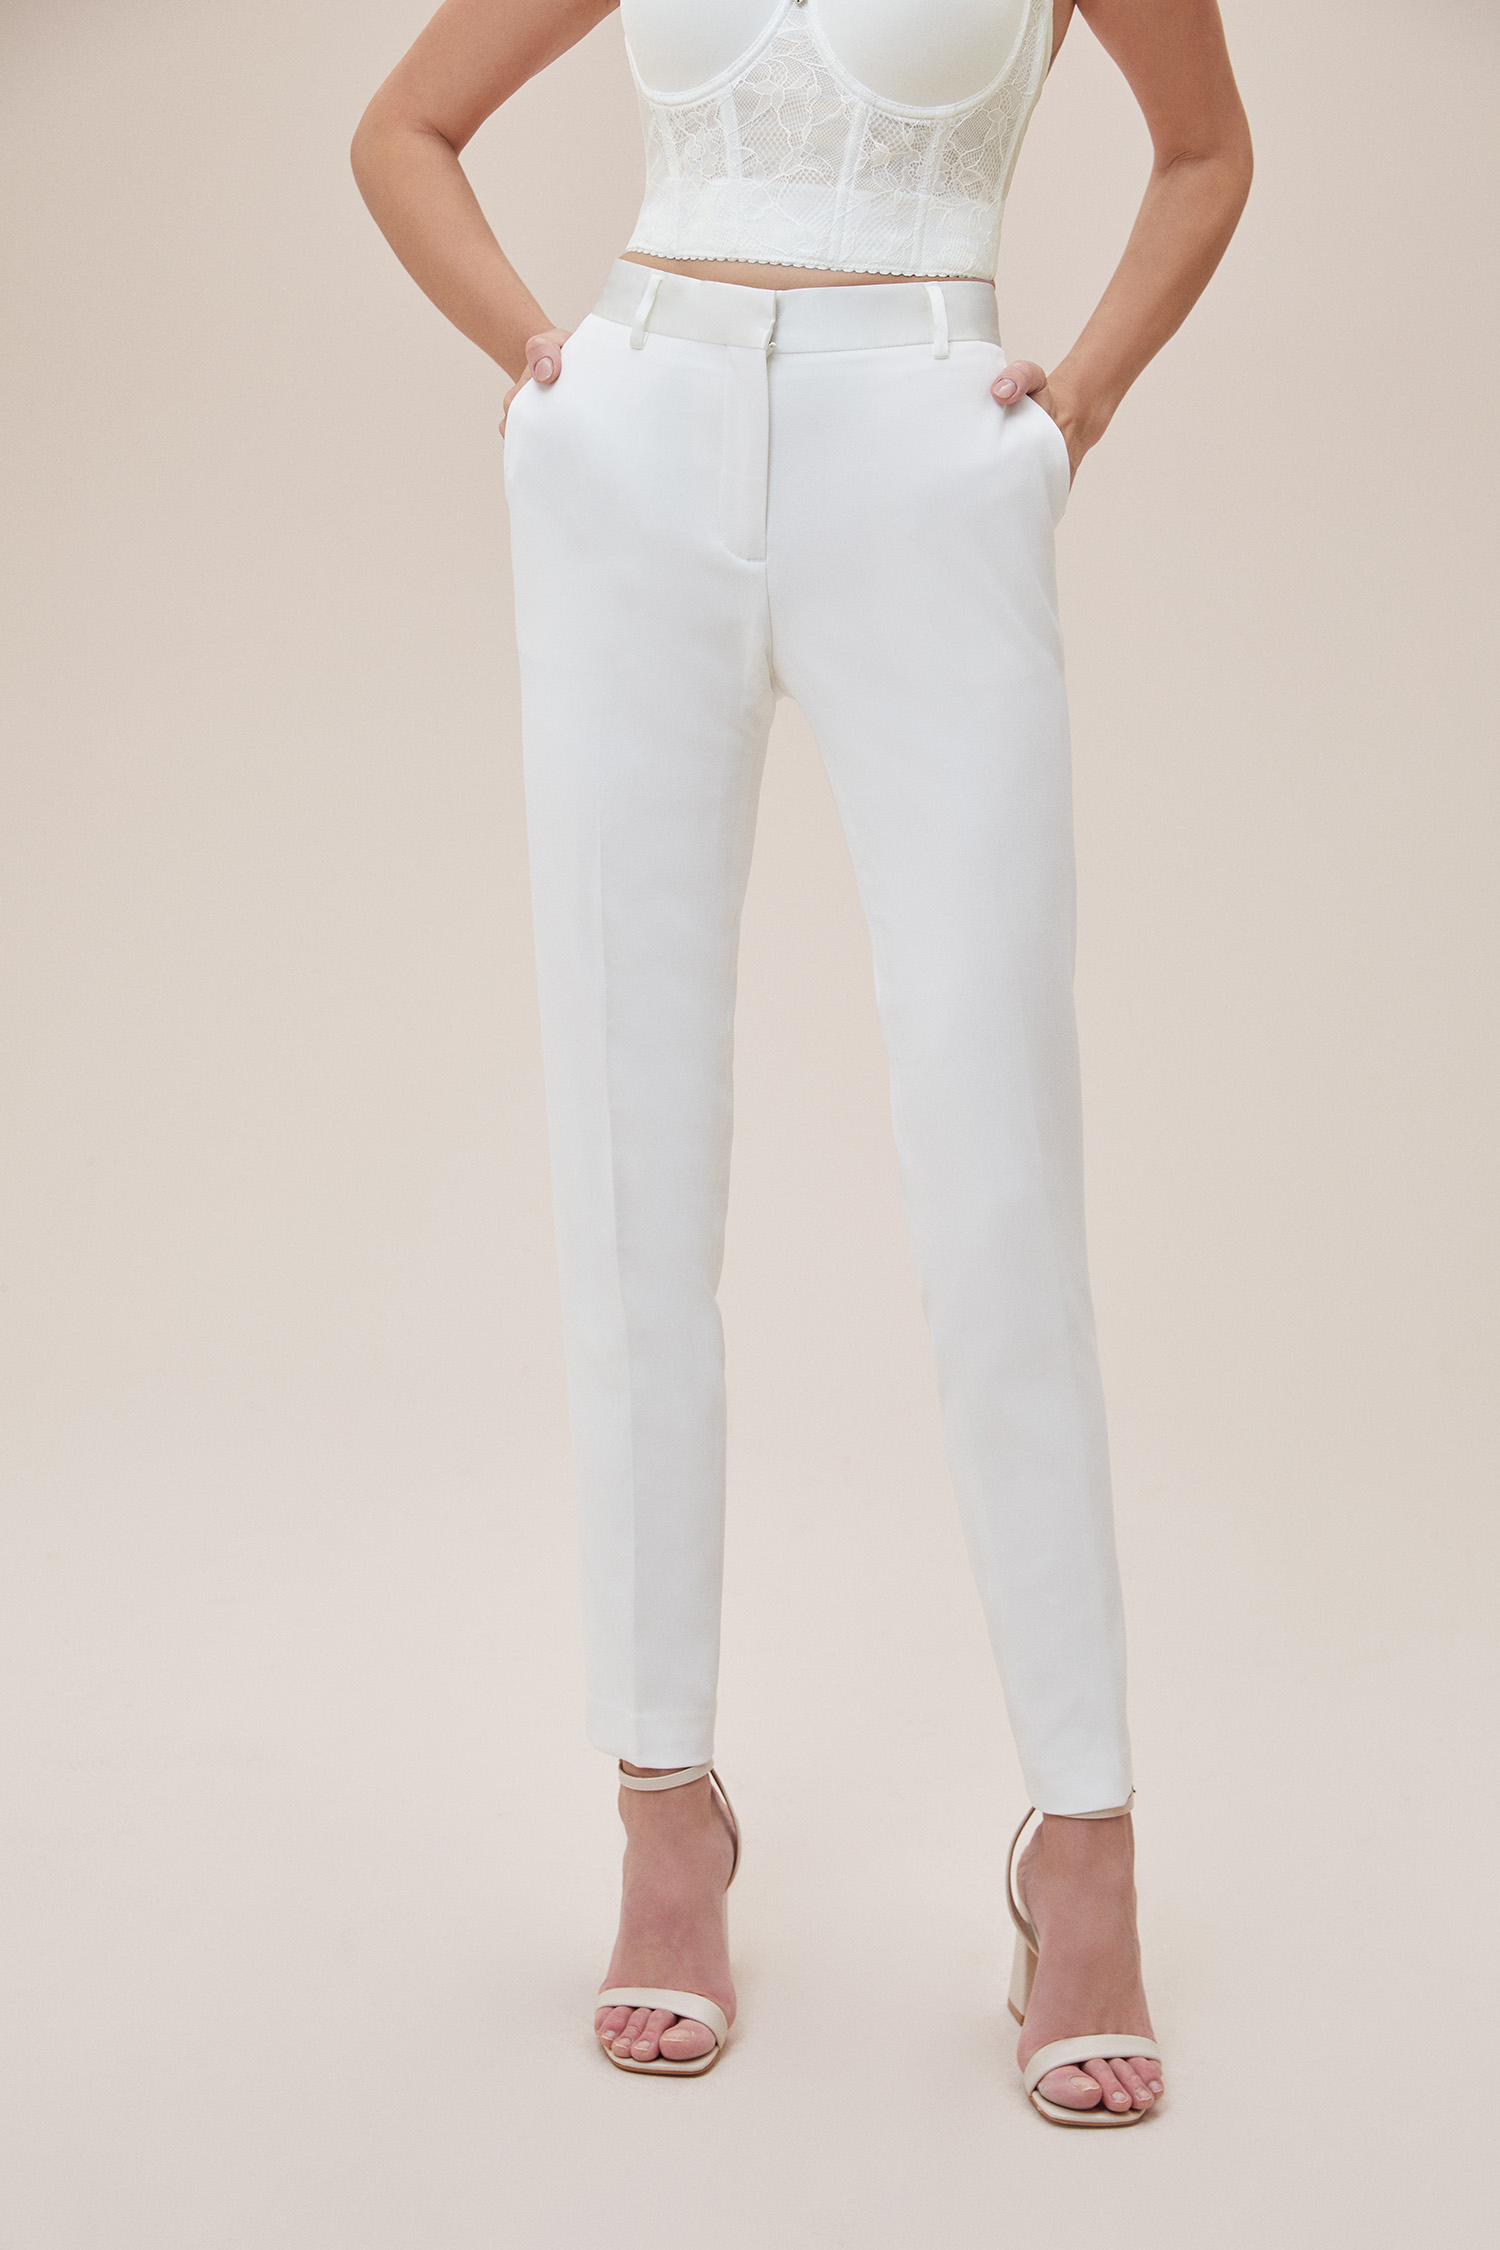 Oleg Cassini - Beyaz Dar Kesim Takım Elbise Büyük Beden Gelinlik Pantolonu